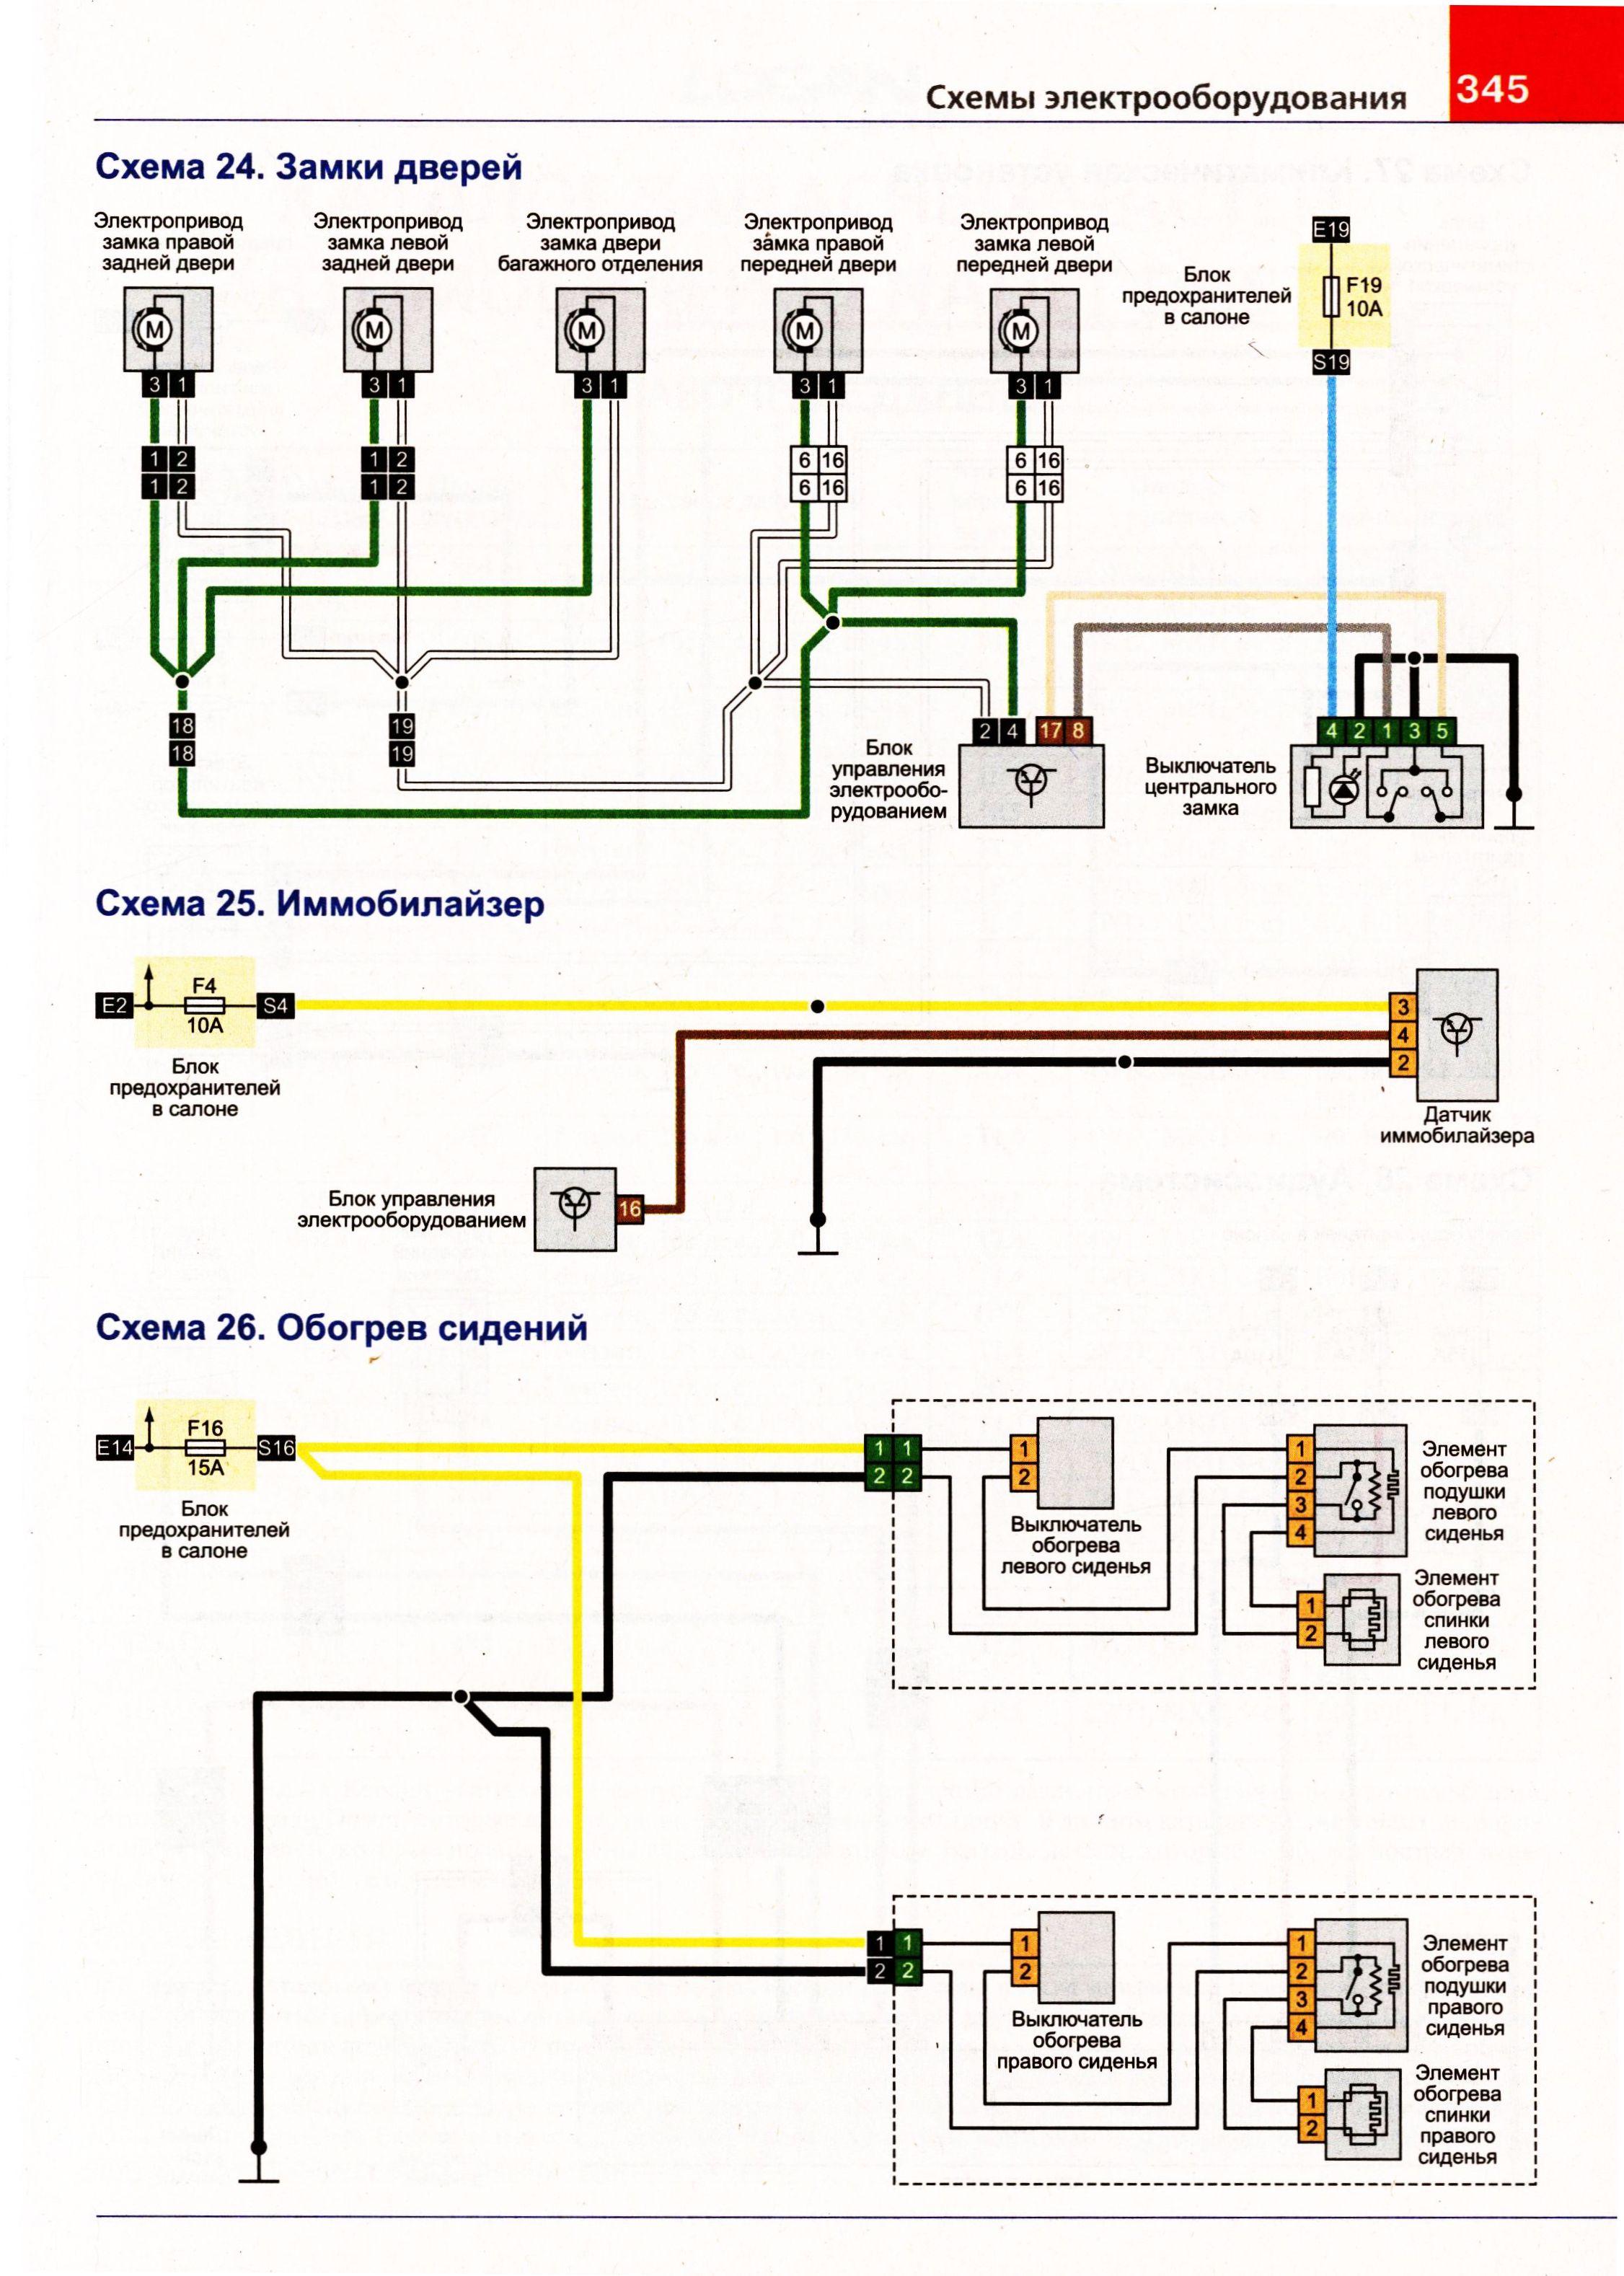 Схема и принцип действия центрального замка